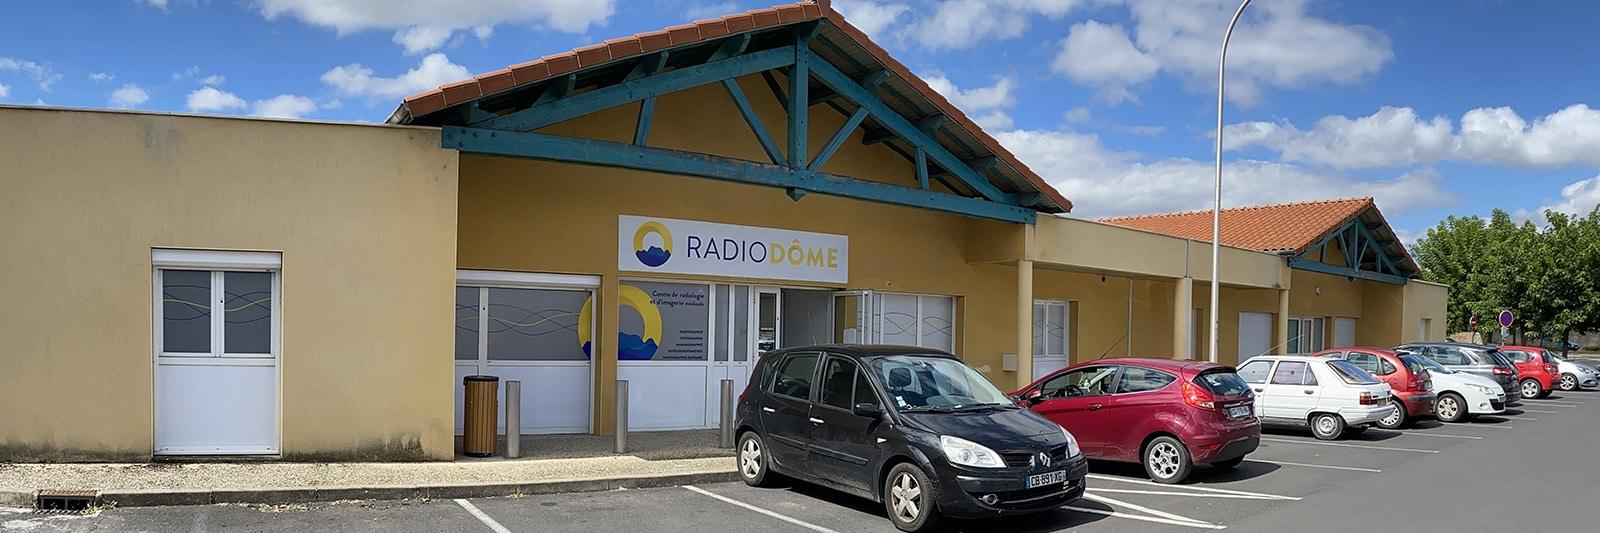 Radiodôme, votre nouveau Centre de Radiologie et d'Imagerie médicale à Issoire